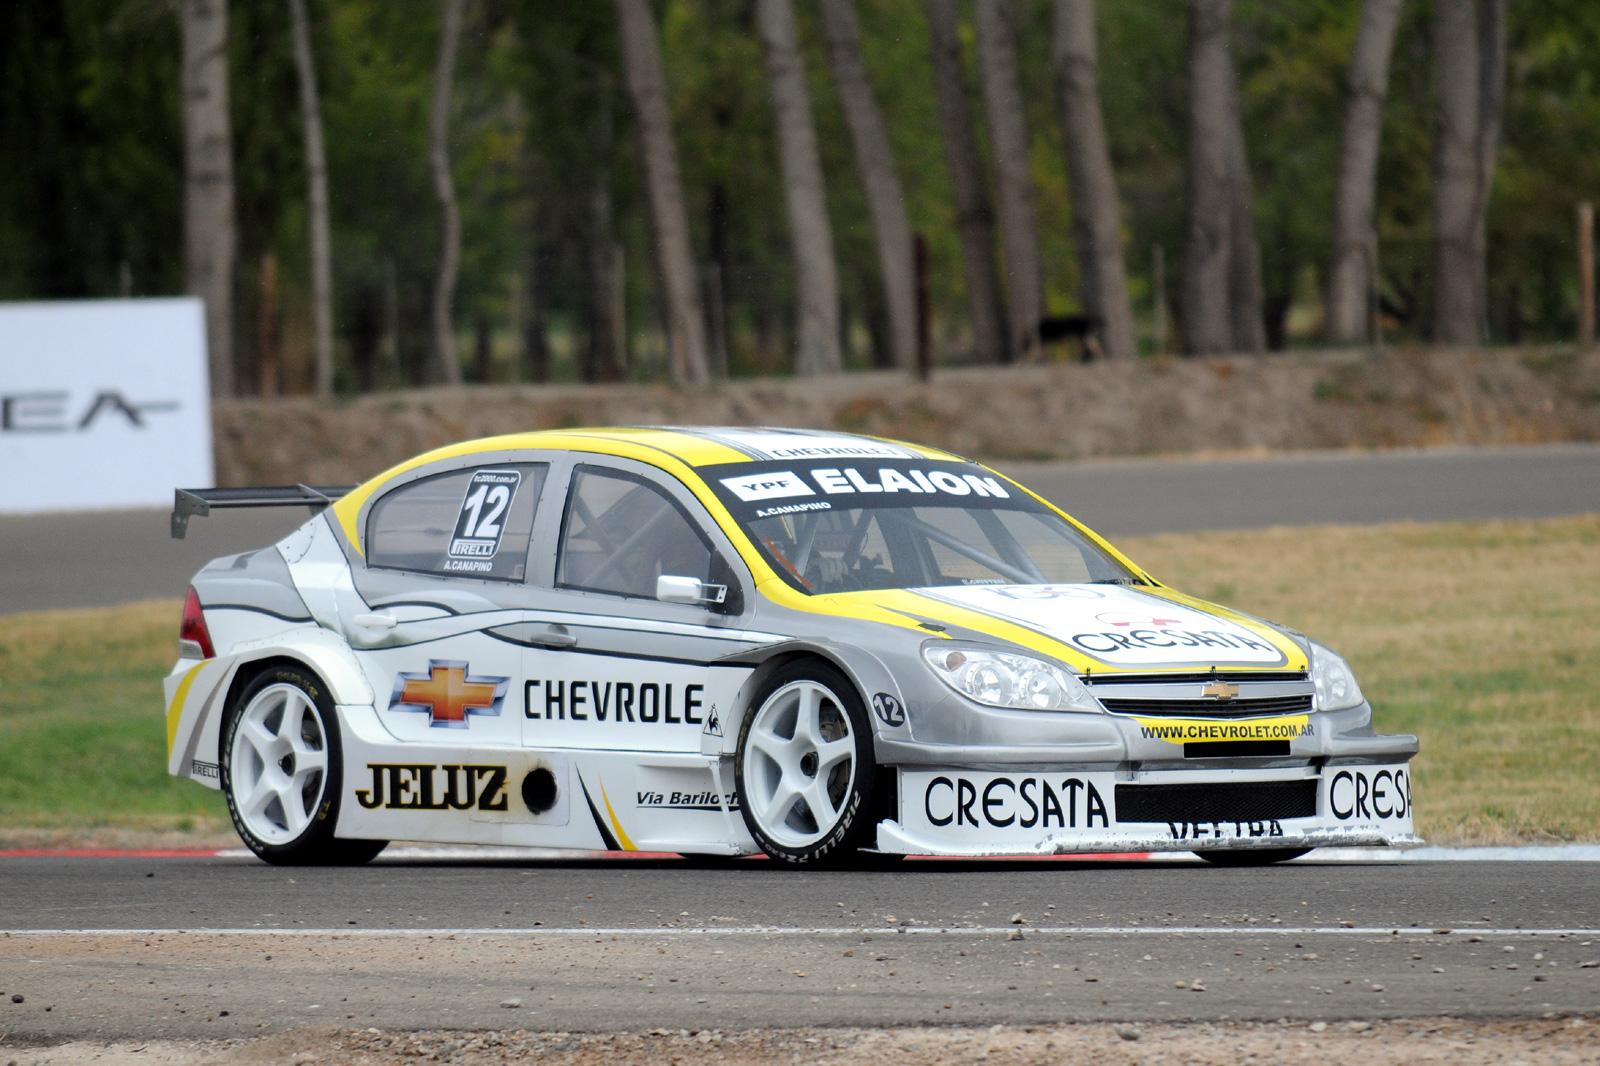 Tc 2000 Chevrolet Cruze